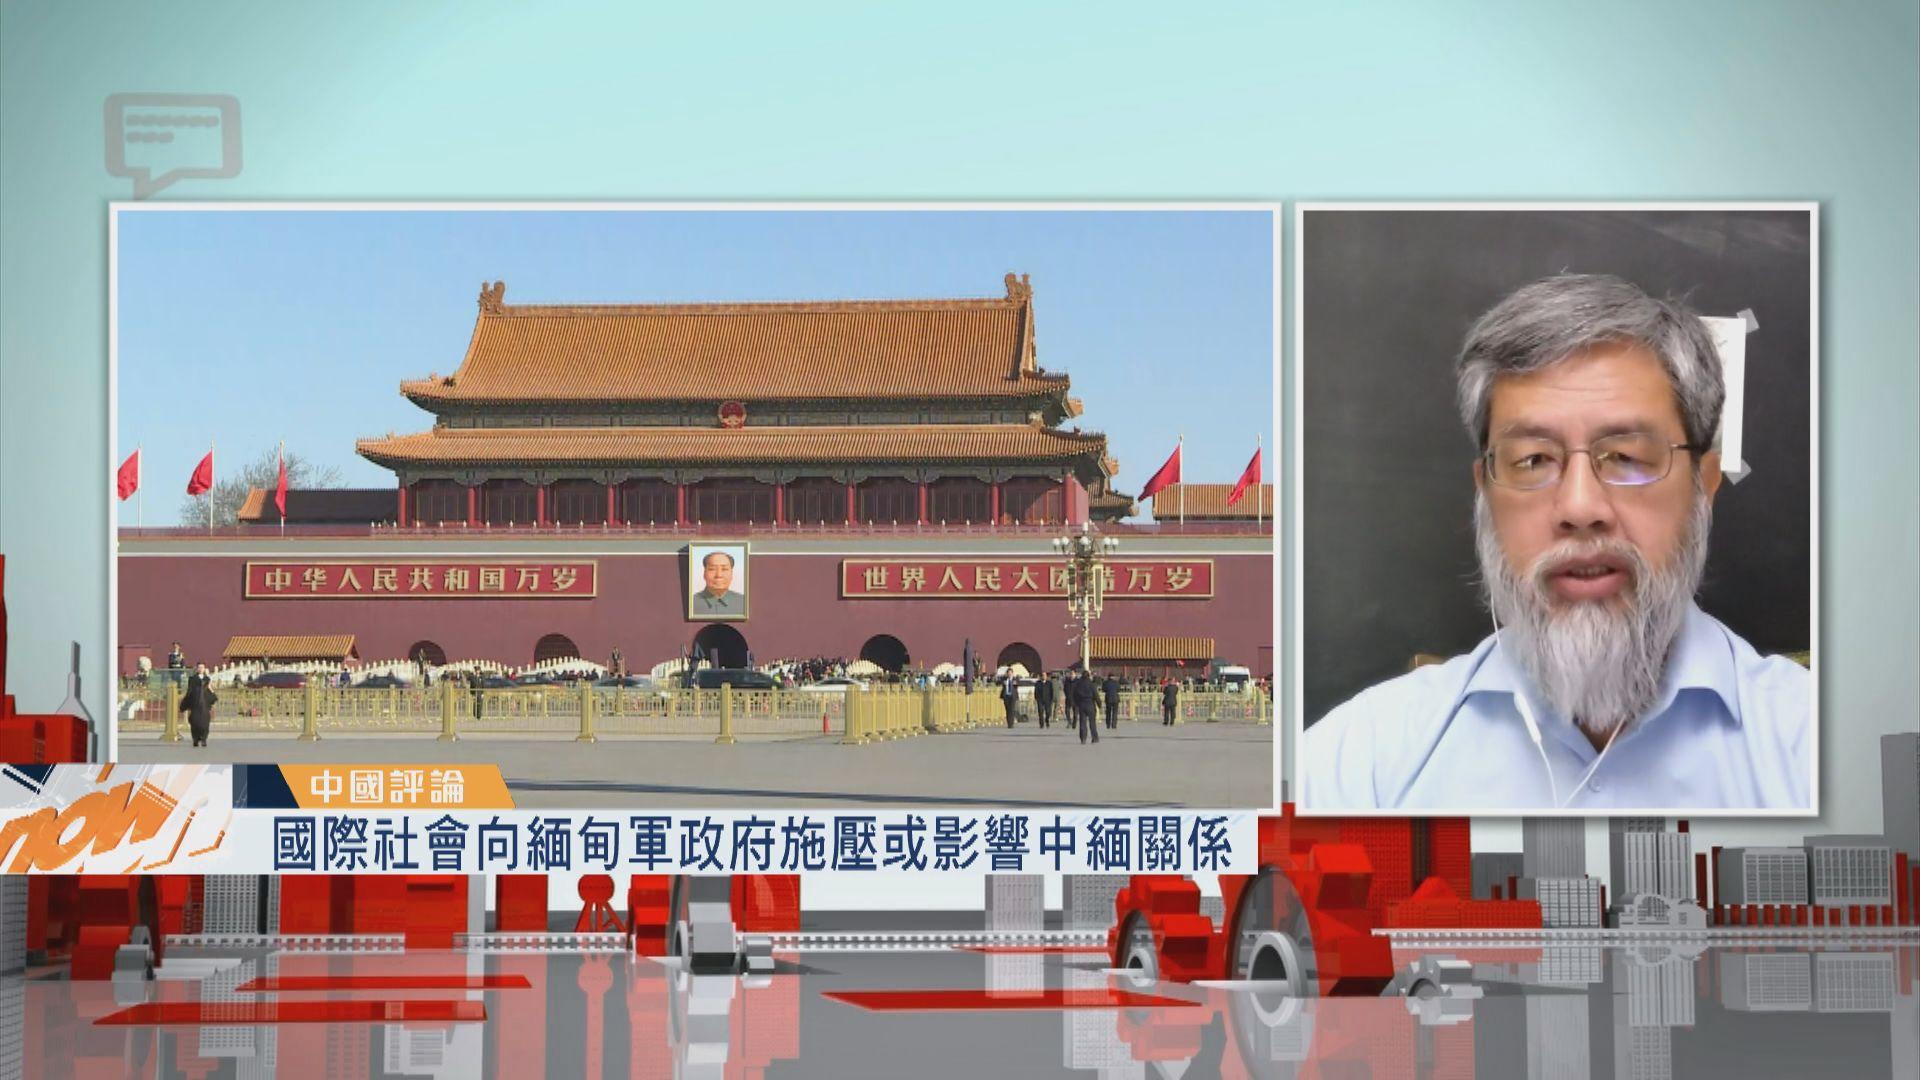 【中國評論】緬甸軍事政變中國謹慎表態/珠海市政協籲拆市內有軌電車